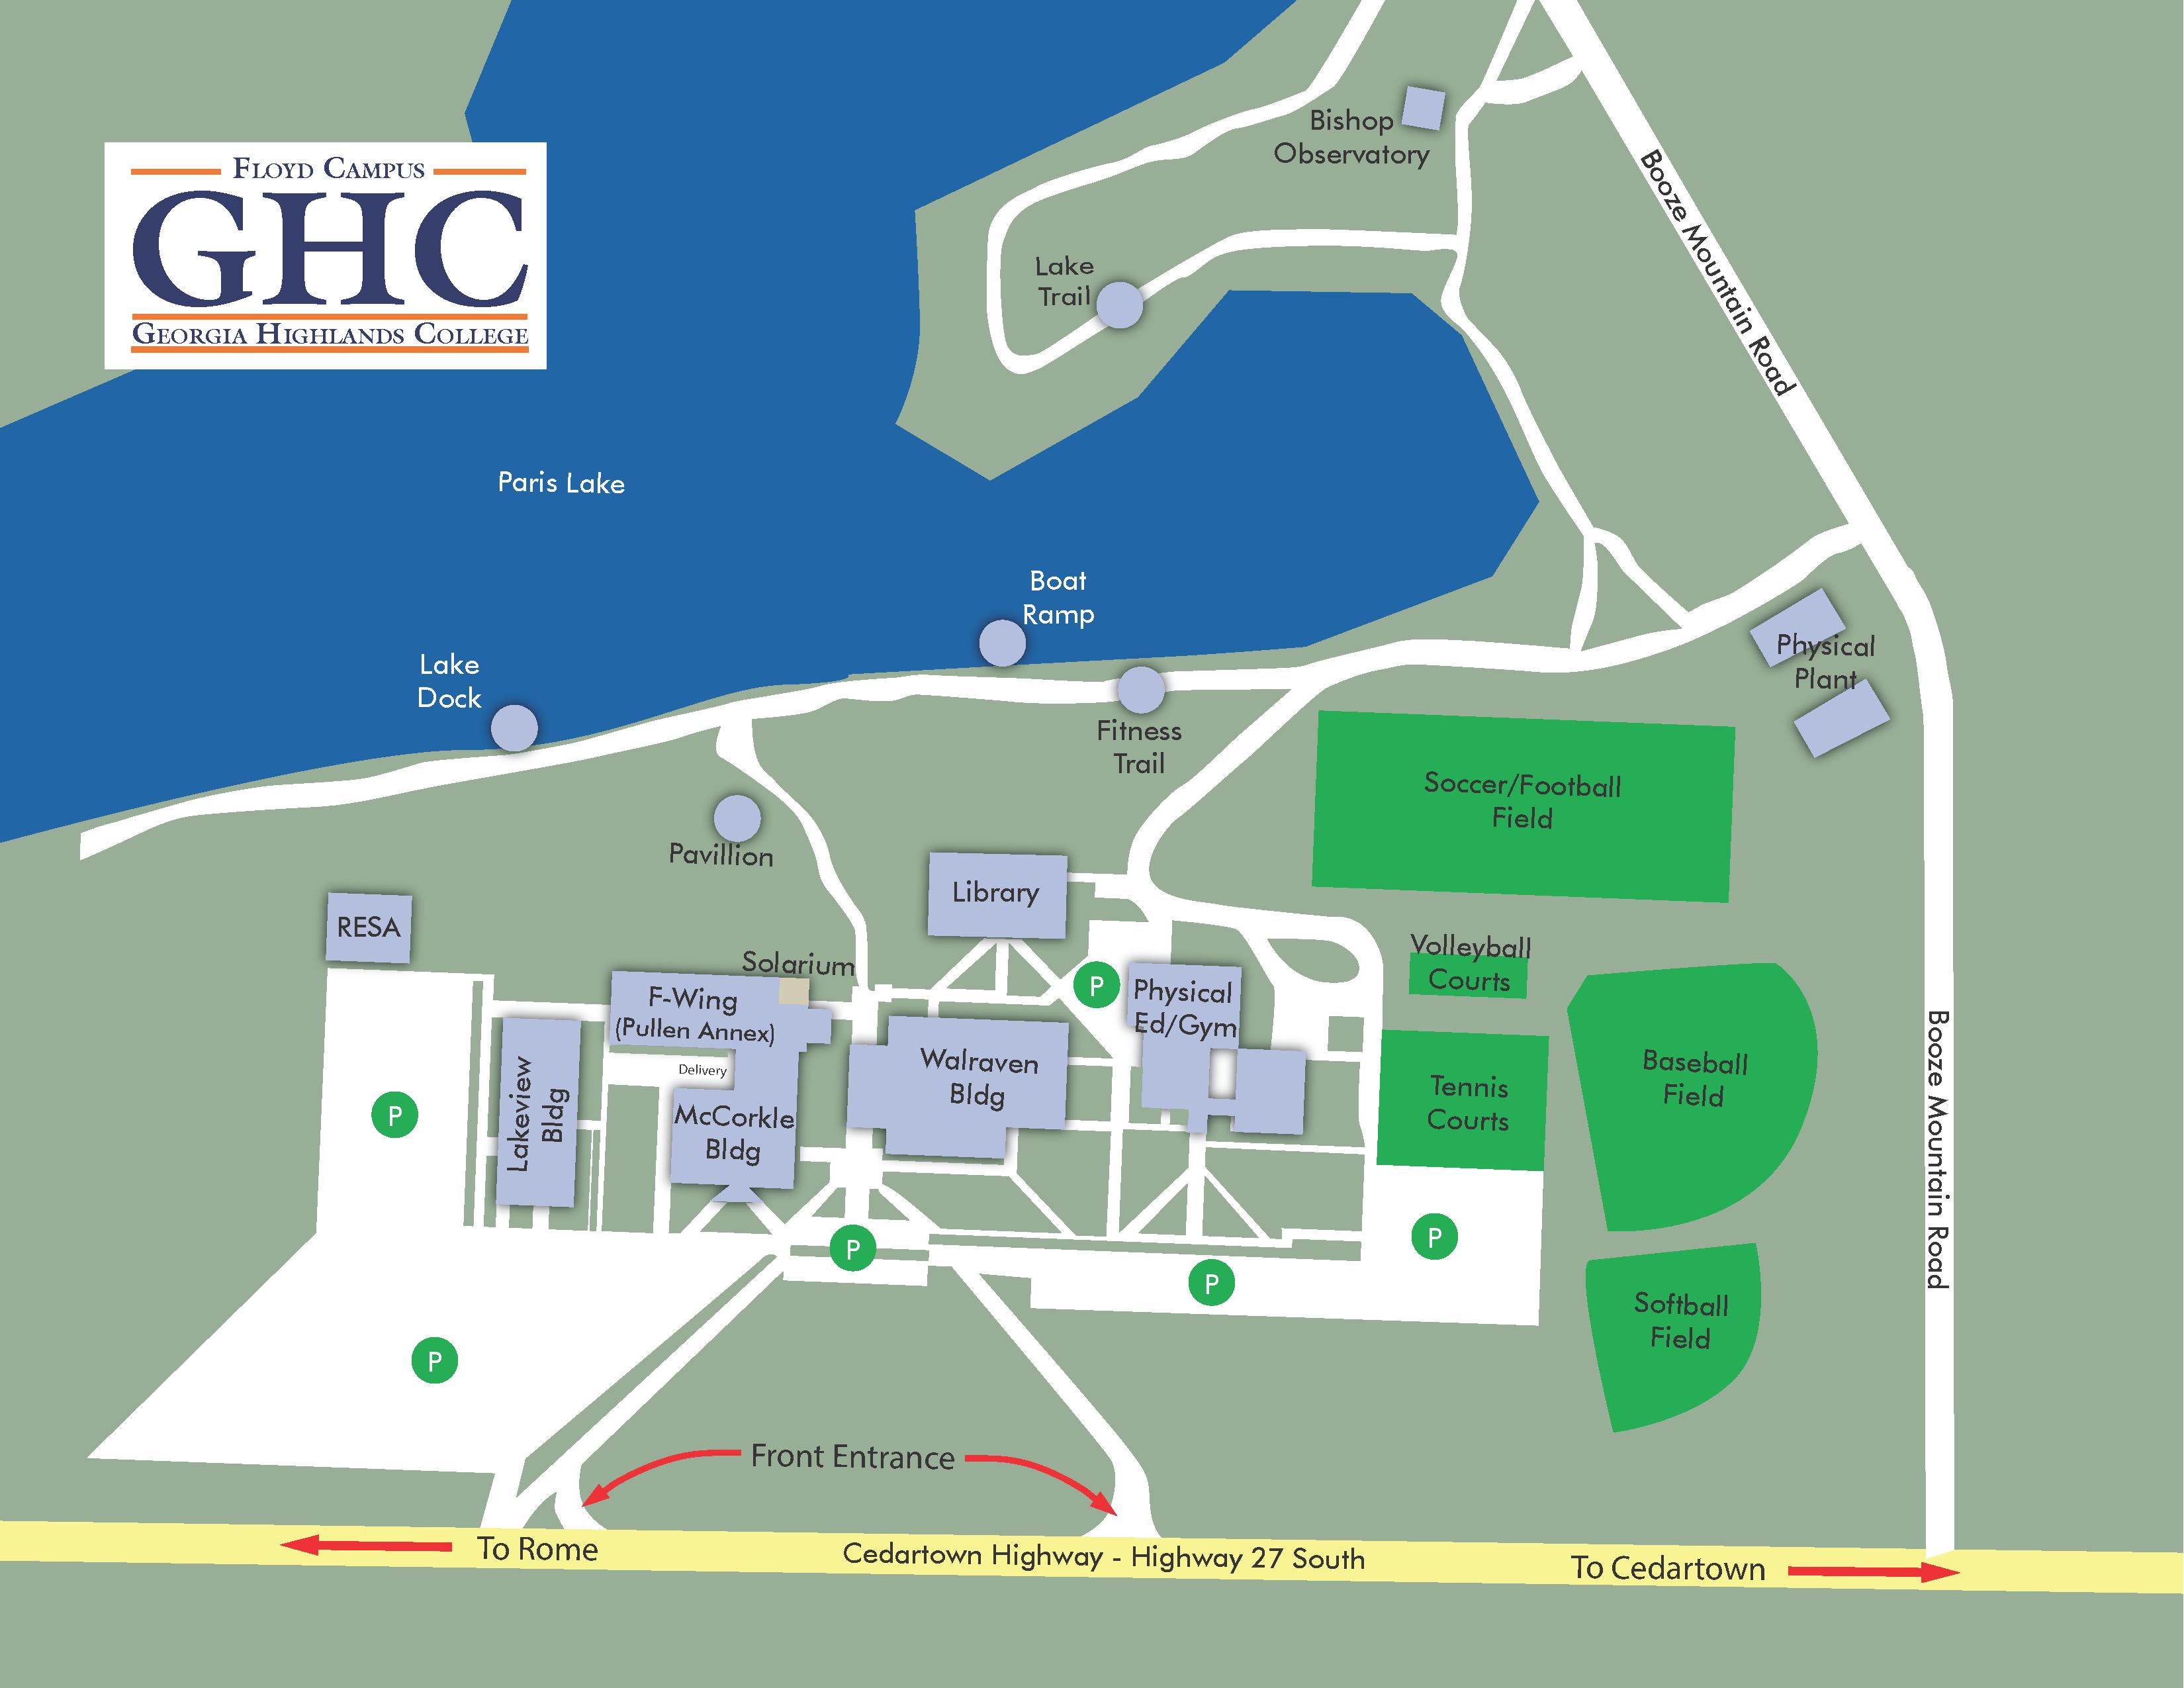 floyd campus map